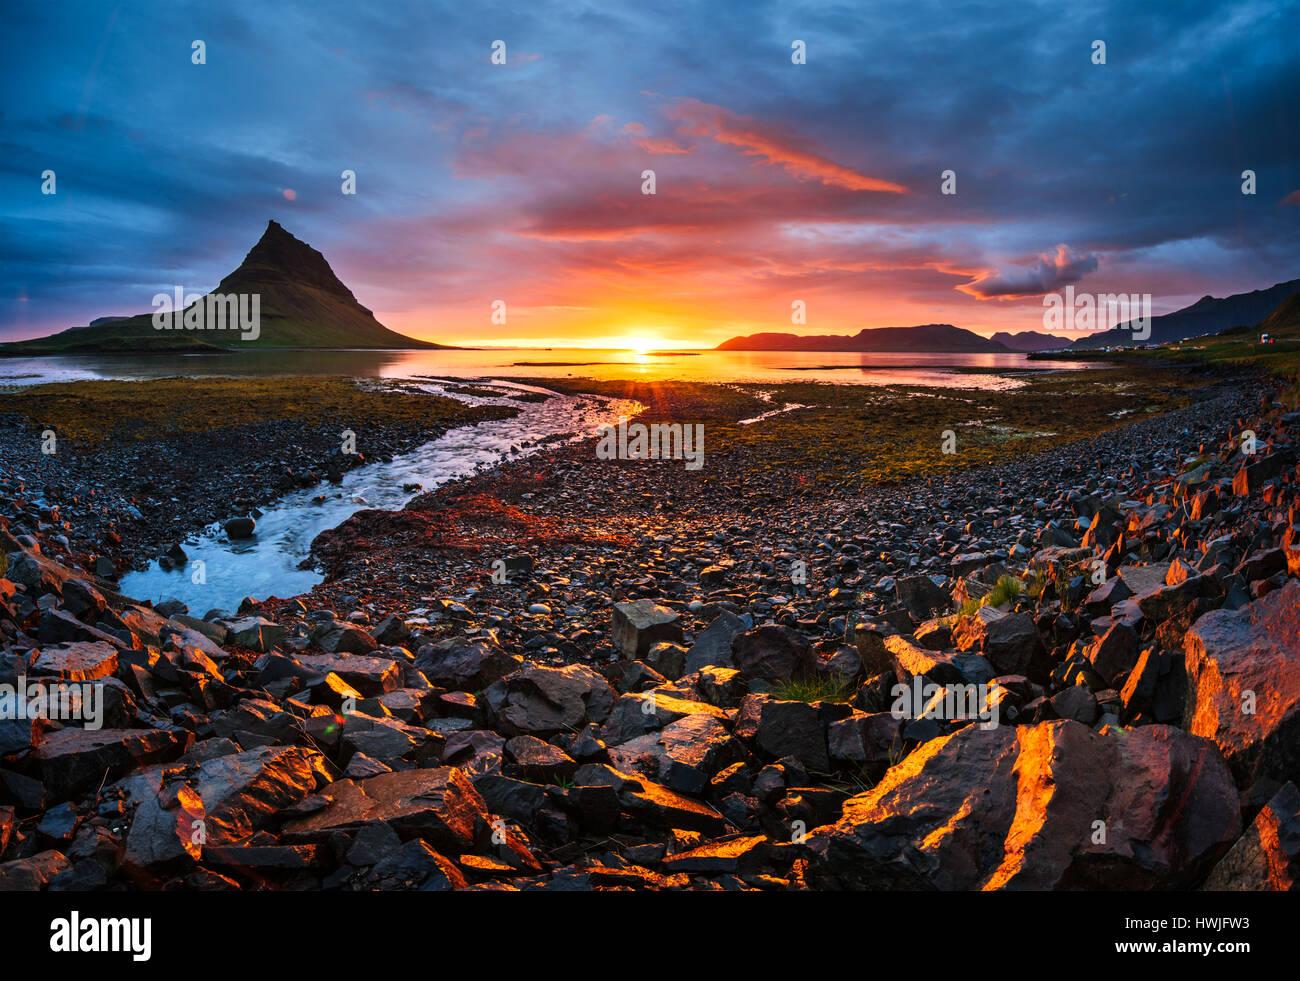 La pittoresque coucher de soleil sur les paysages et cascades. Kirkjufell mountain. L'Islande Banque D'Images